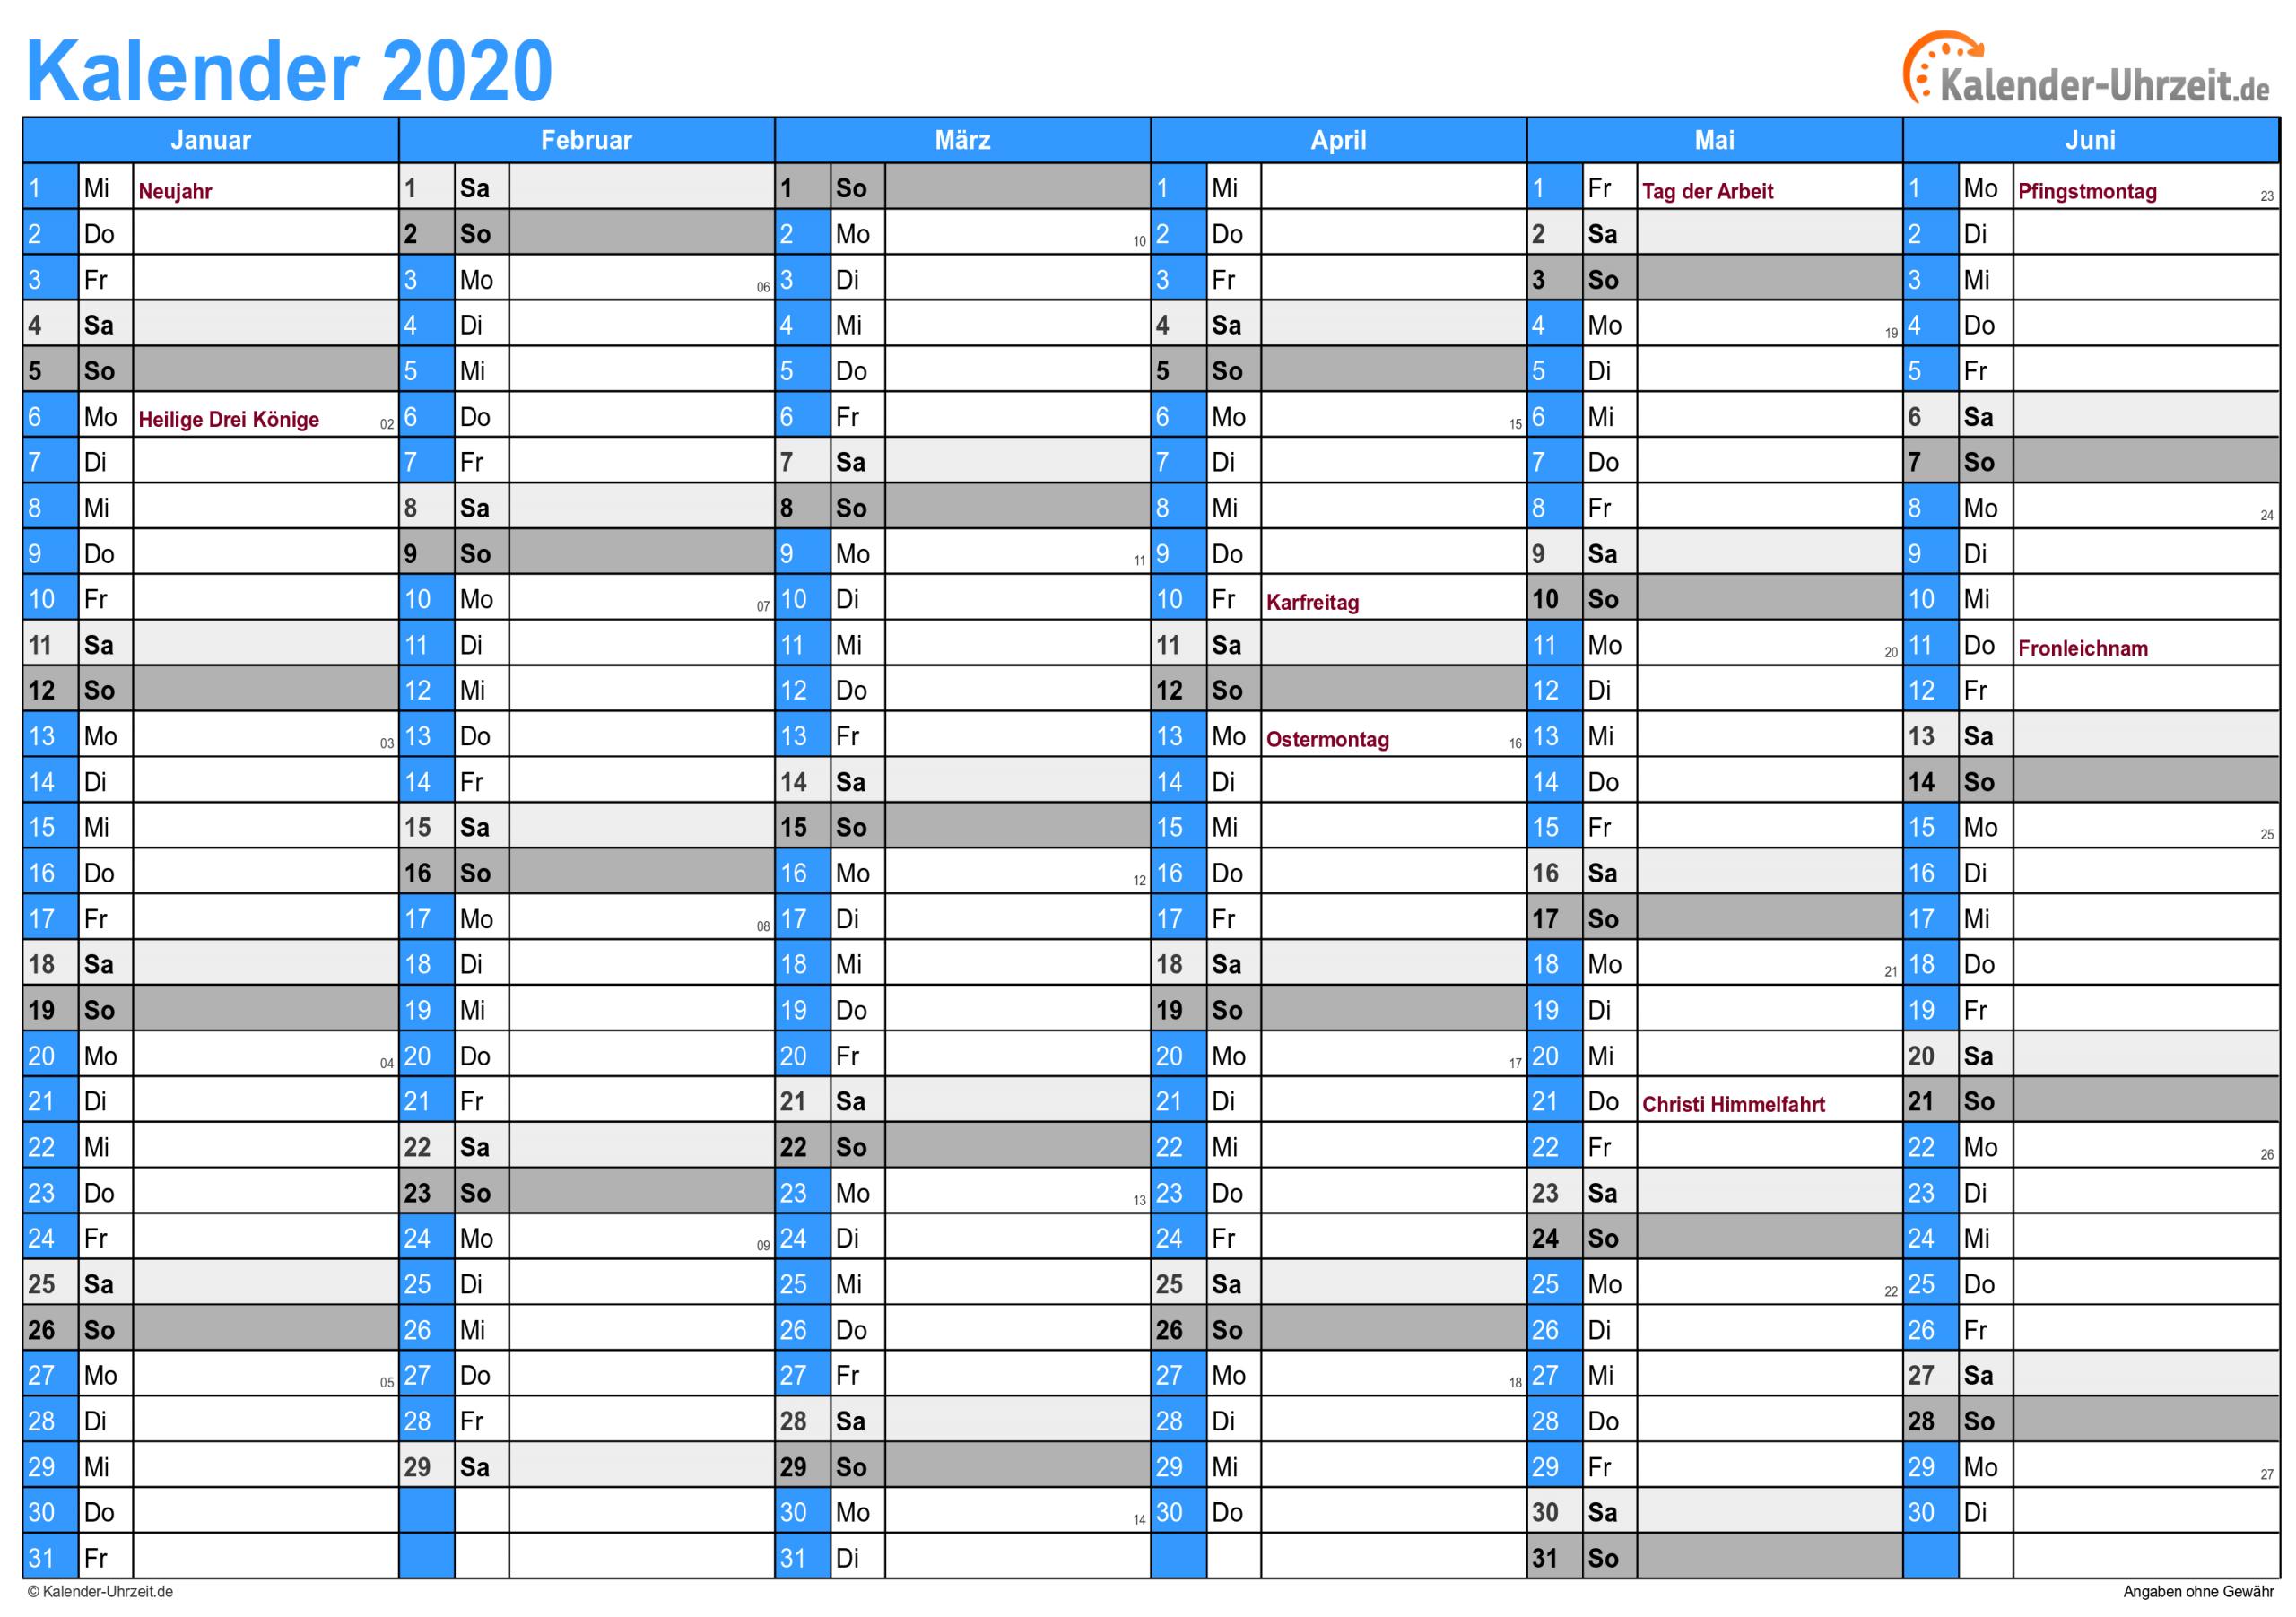 Kalender 2020 Zum Ausdrucken - Kostenlos ganzes Online Kalender Zum Eintragen